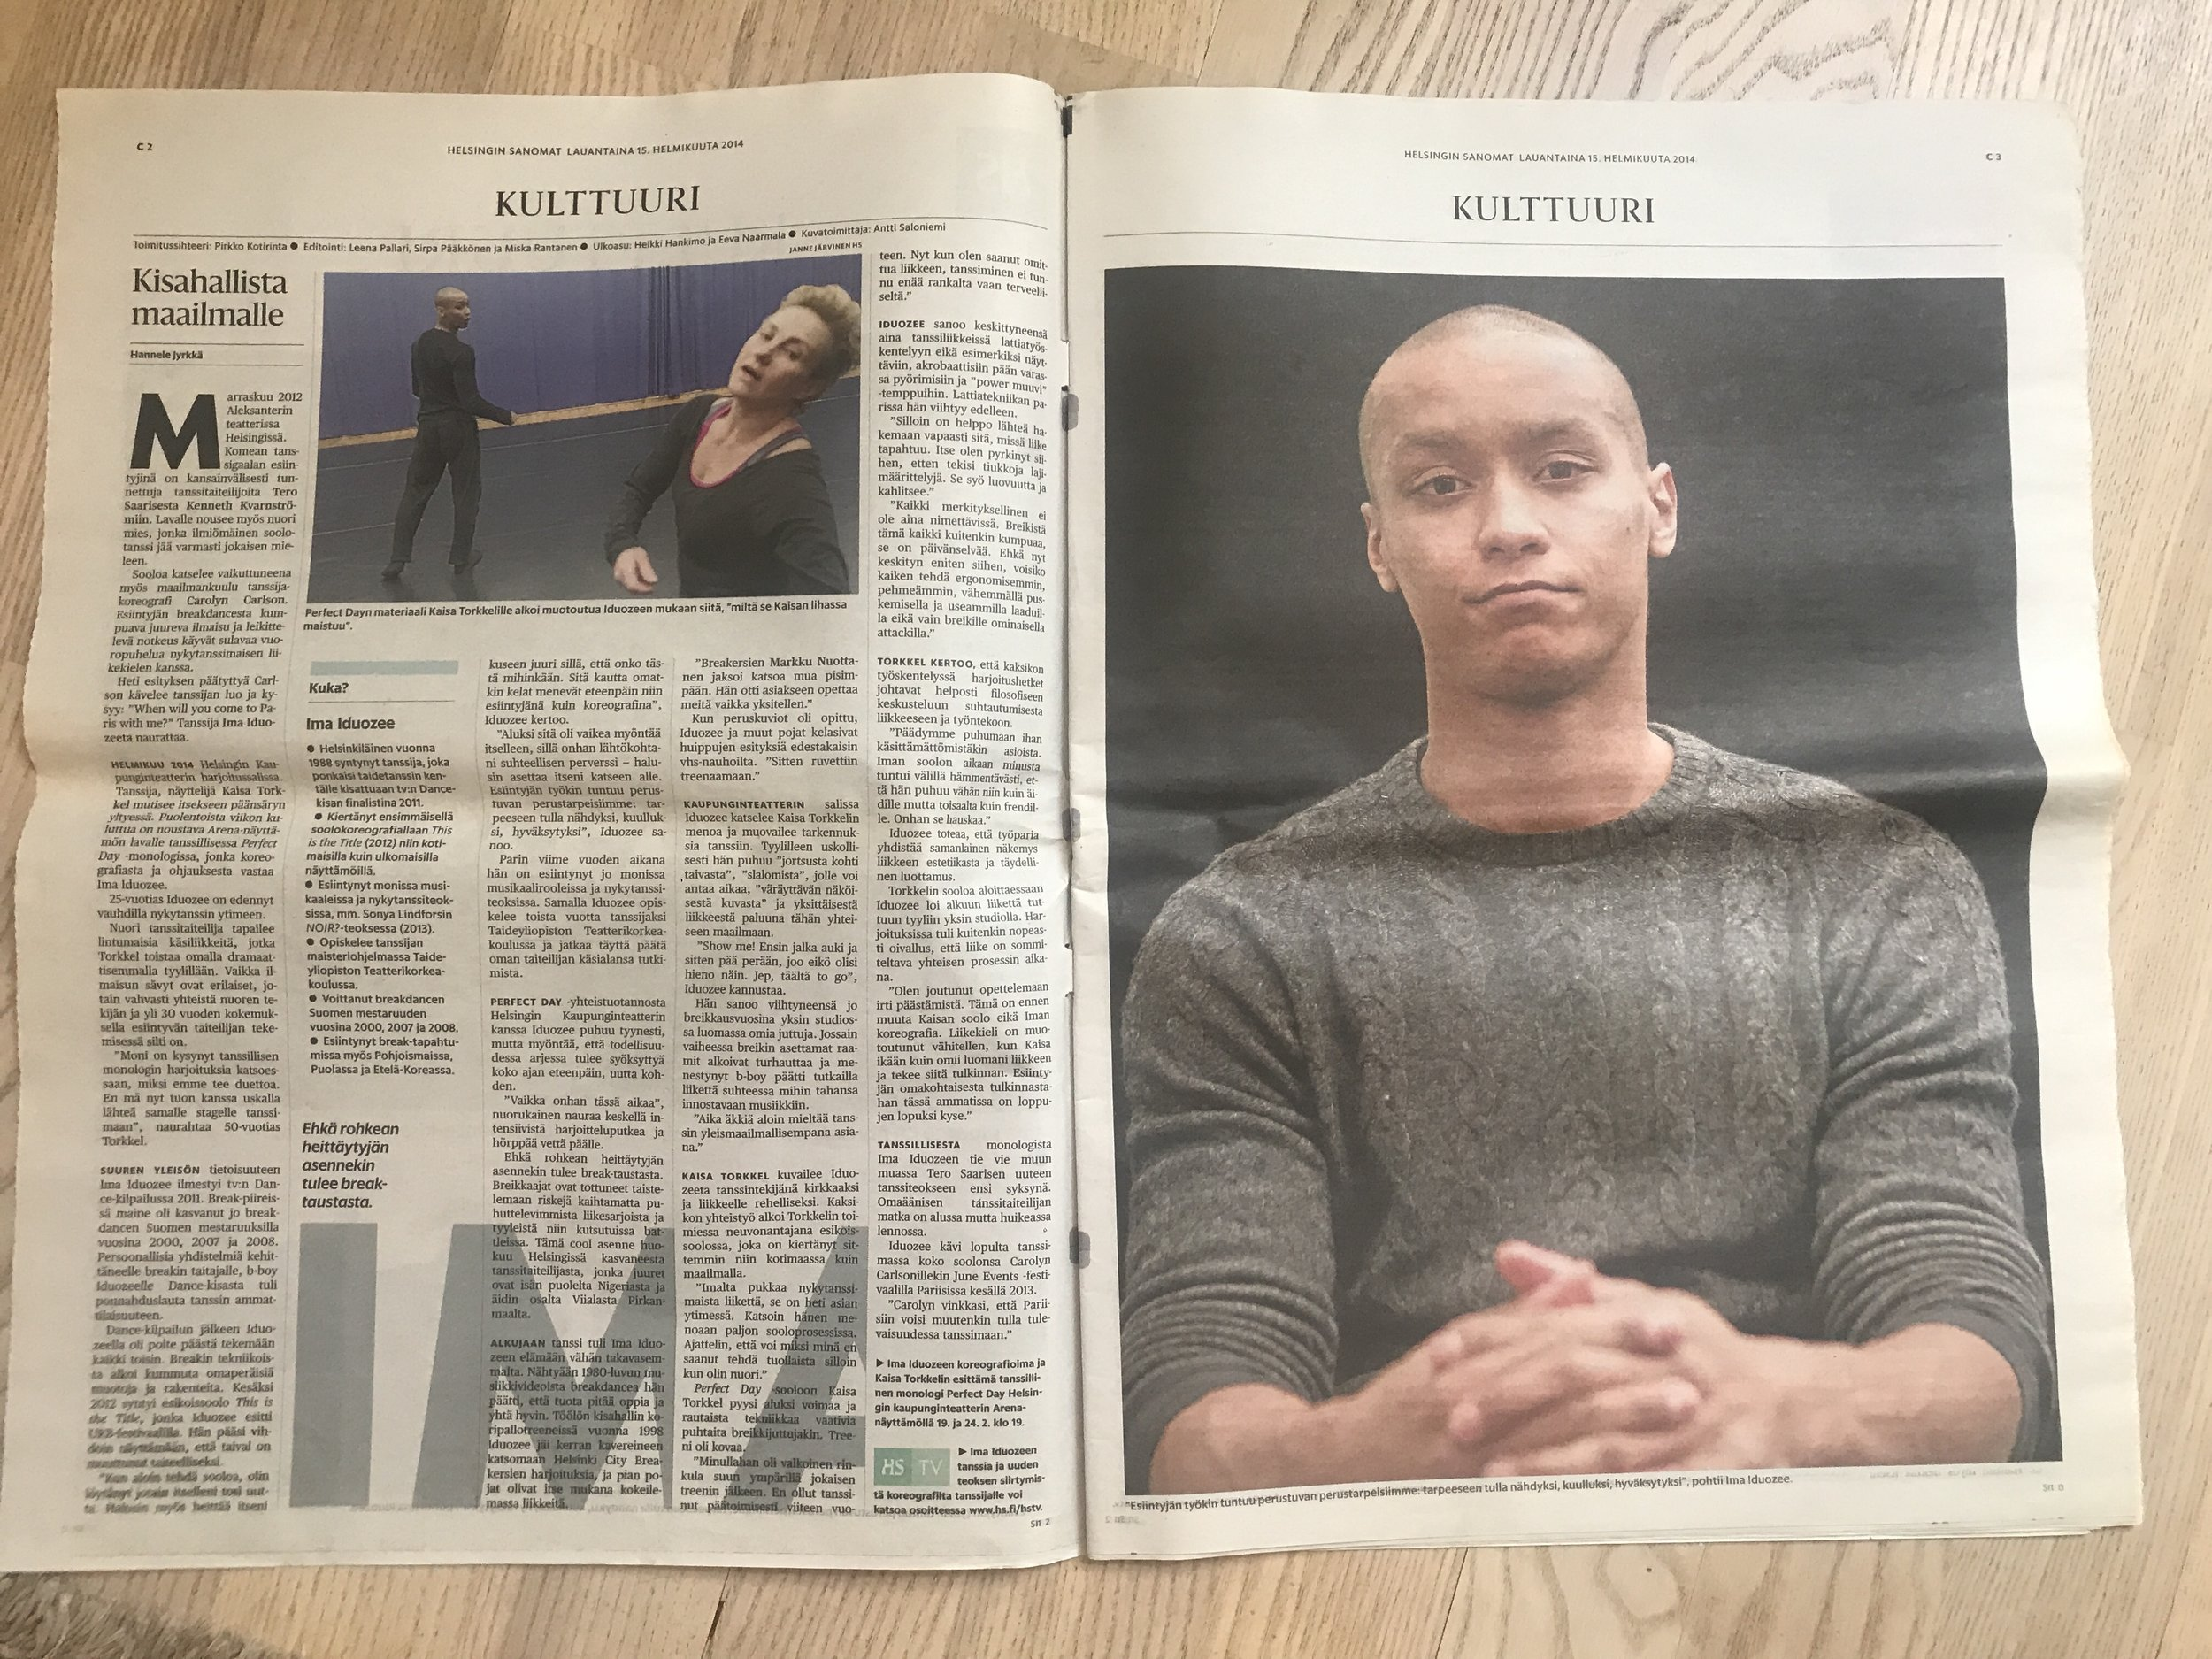 Ima Iduozee interview on Helsingin Sanomat 15.2.2014